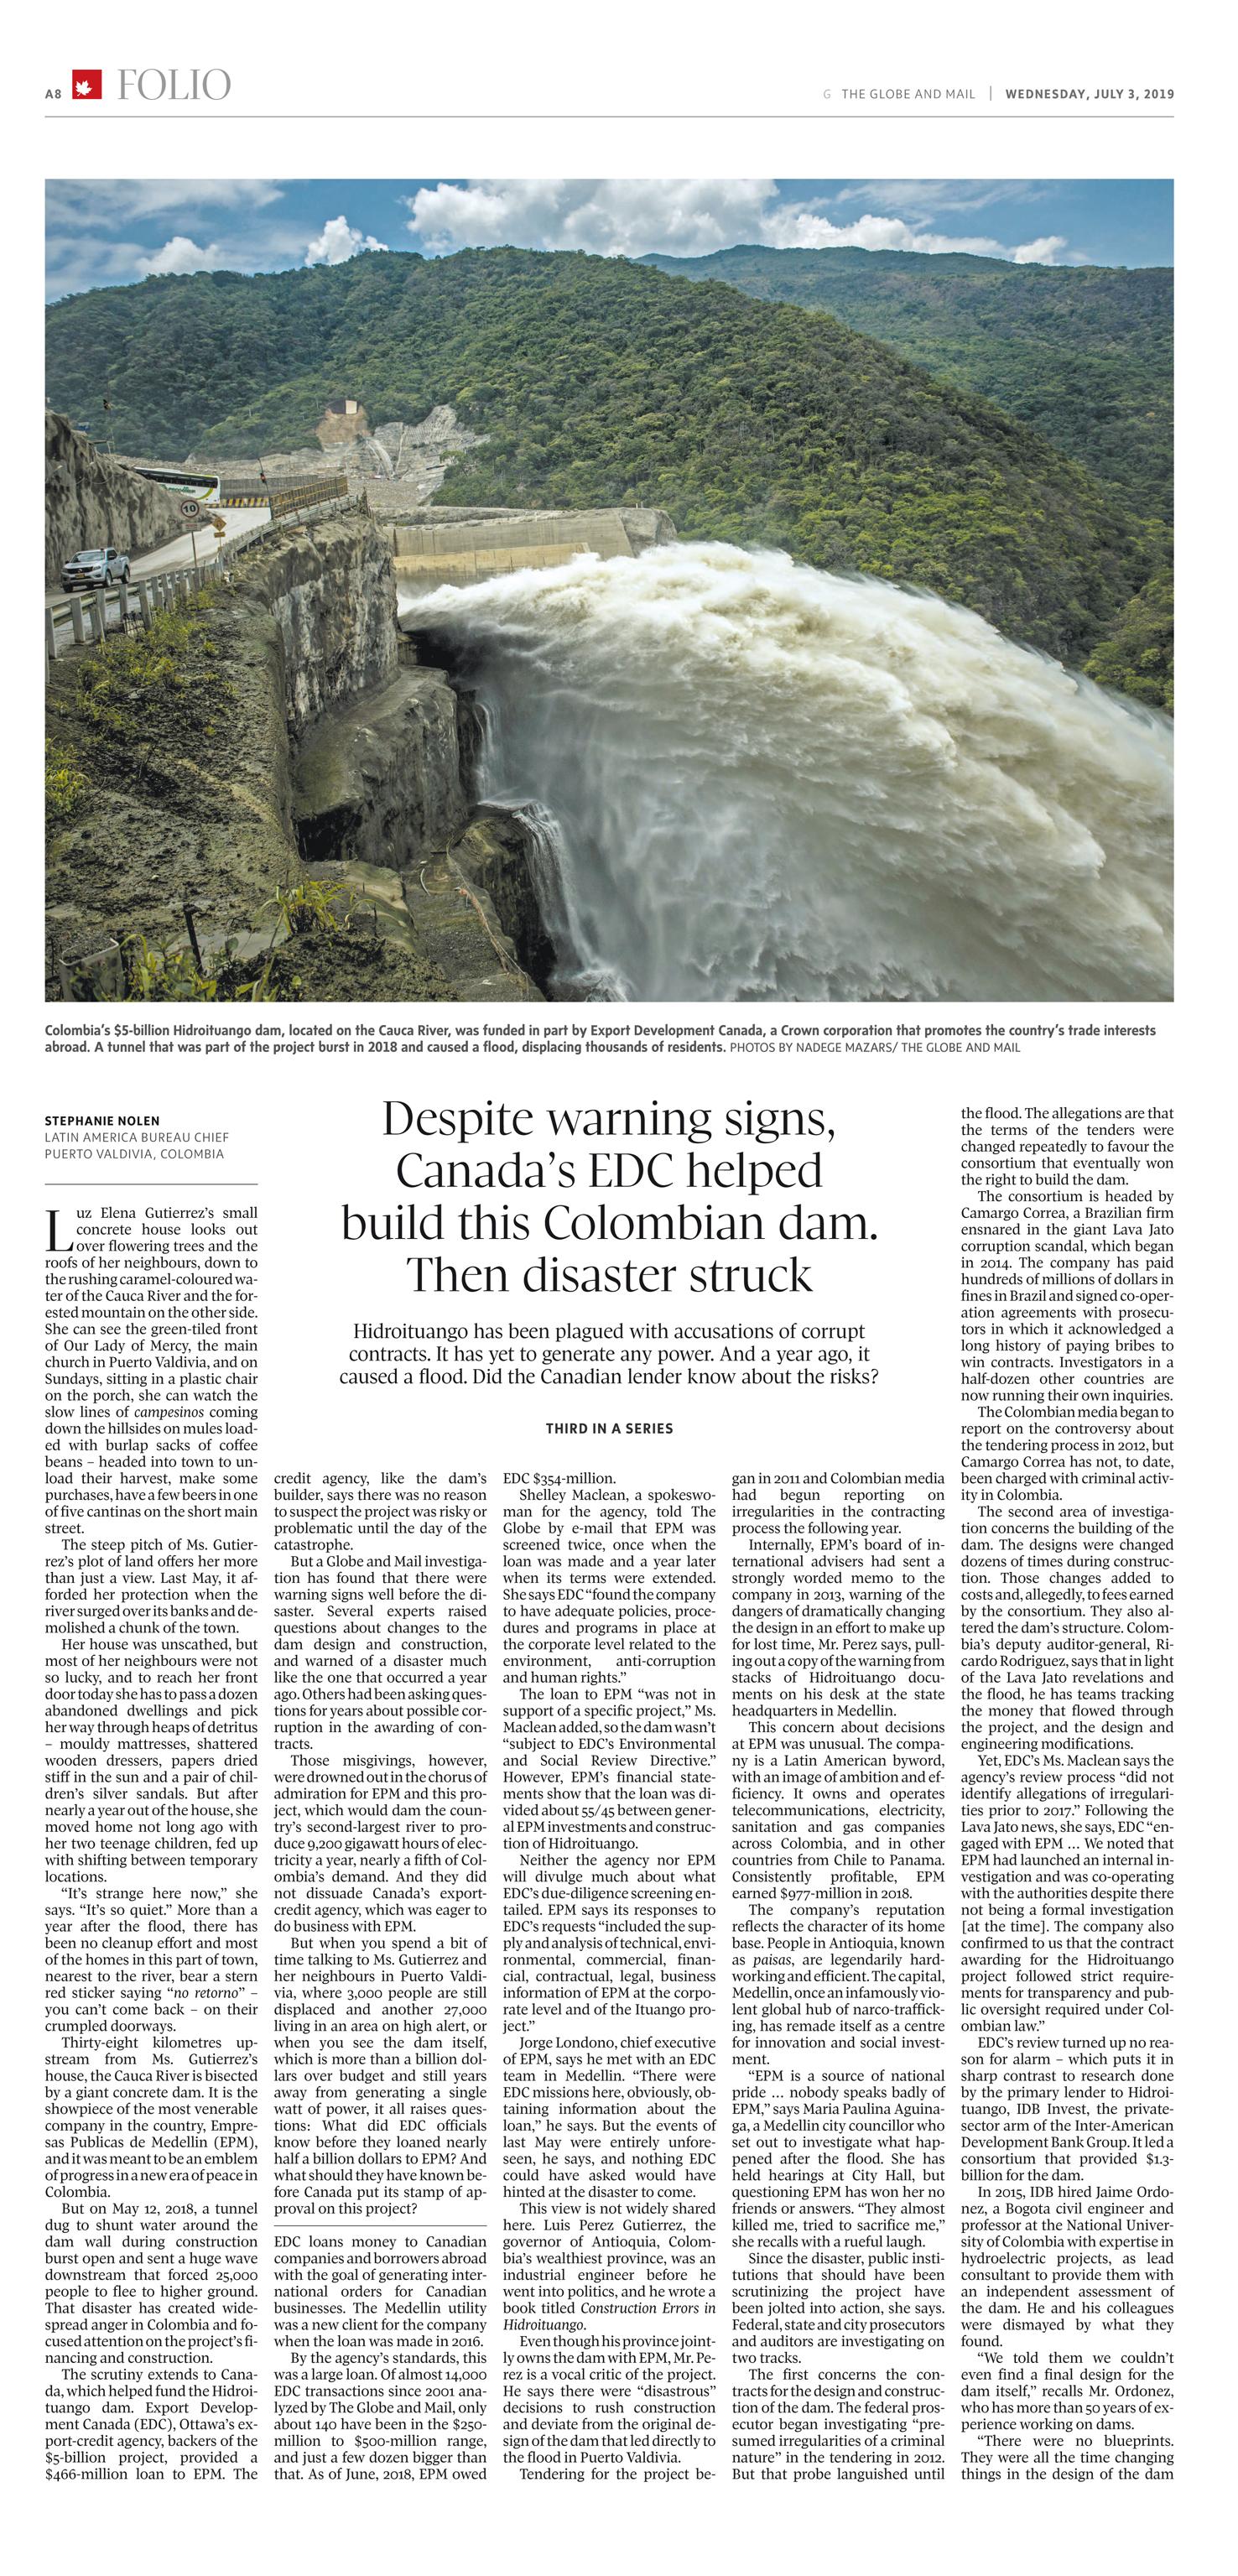 2019-07_Globe_and_Mail_2.jpg